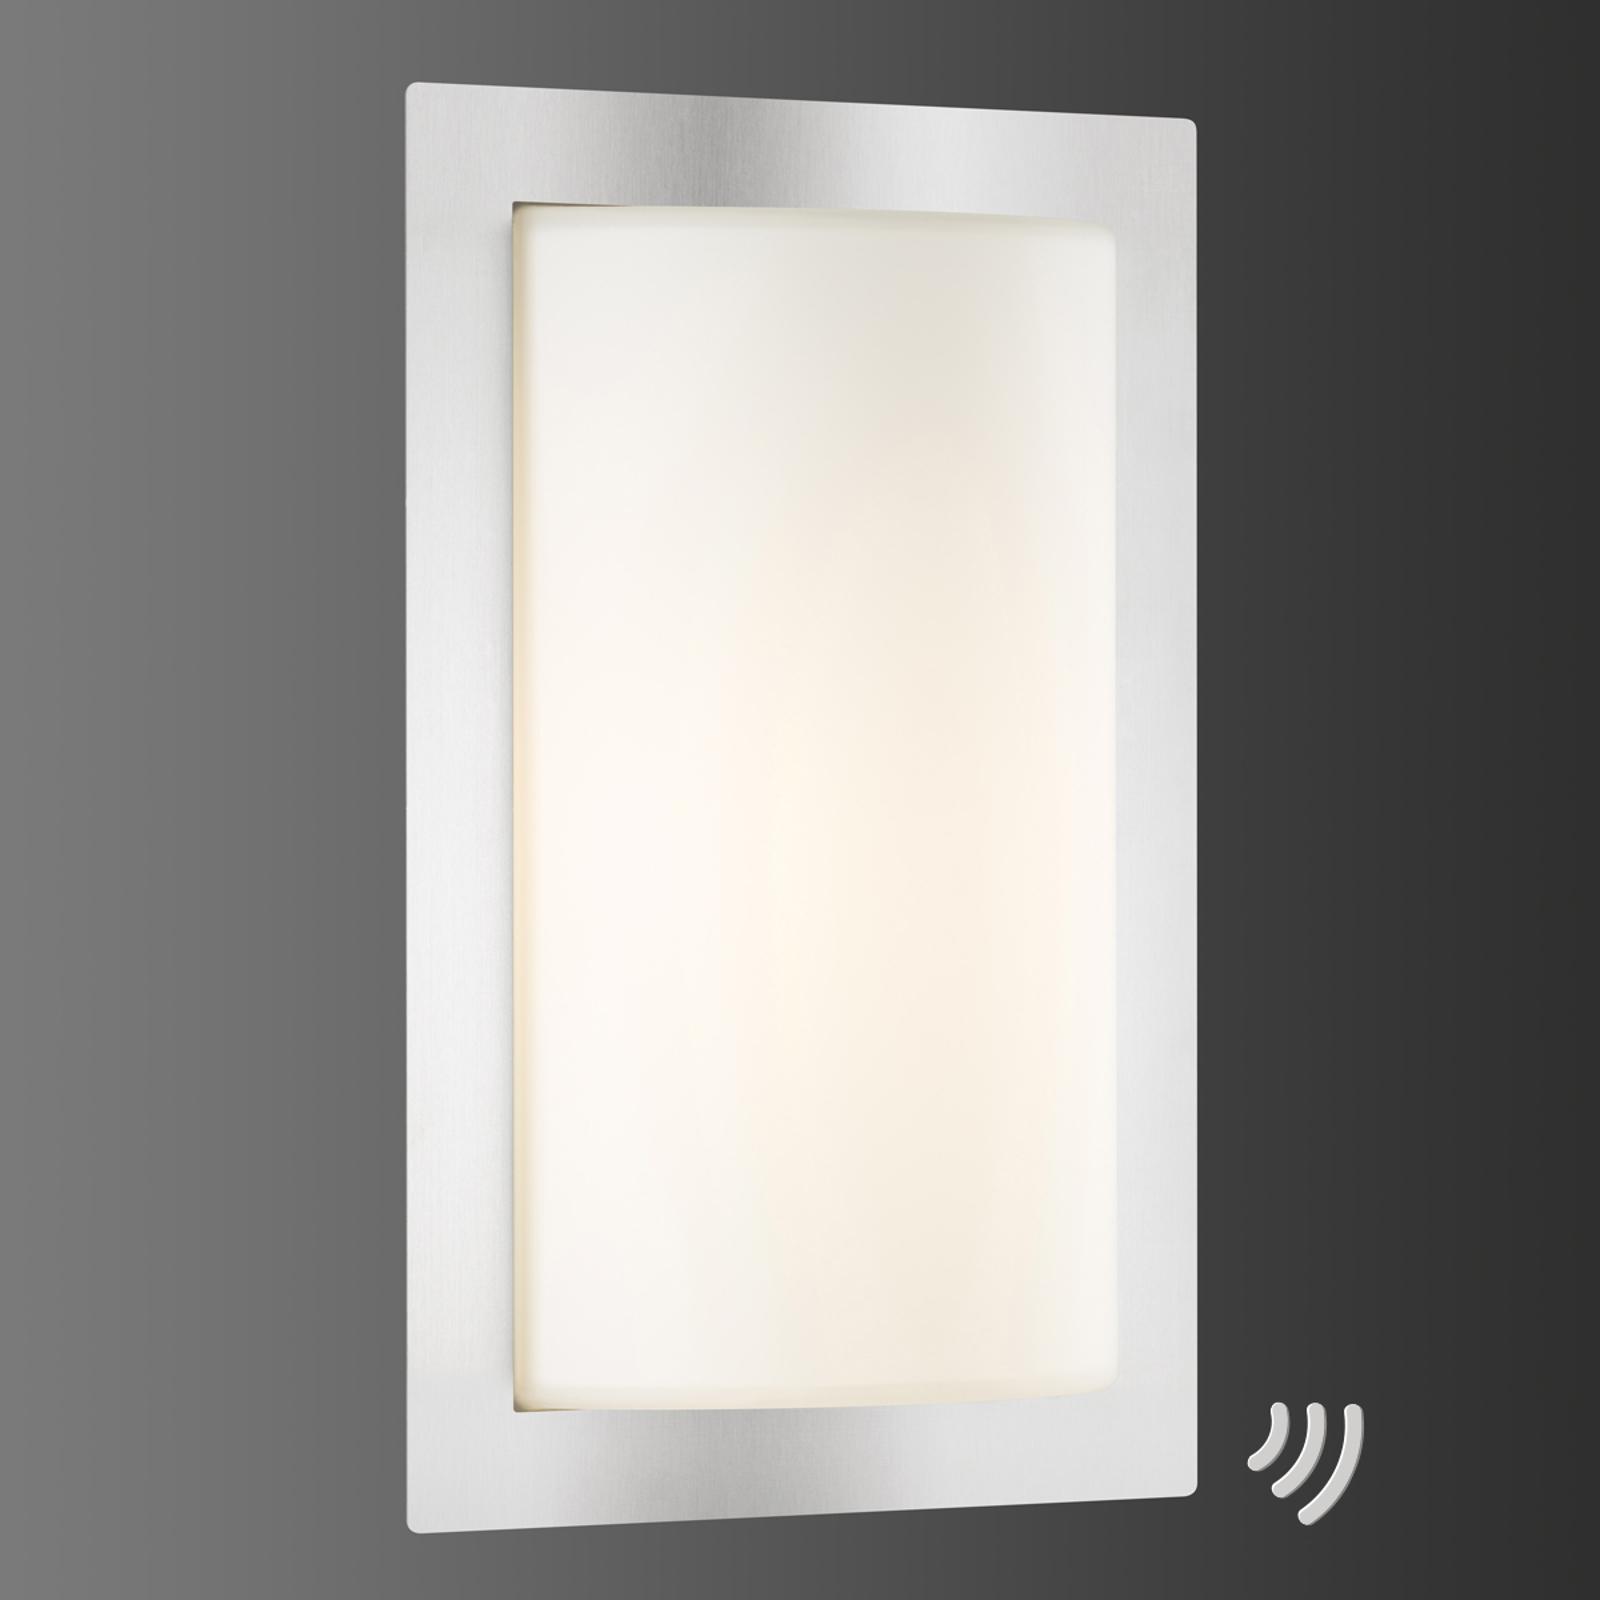 Applique d'extérieur LED Luis, capteur mouvement